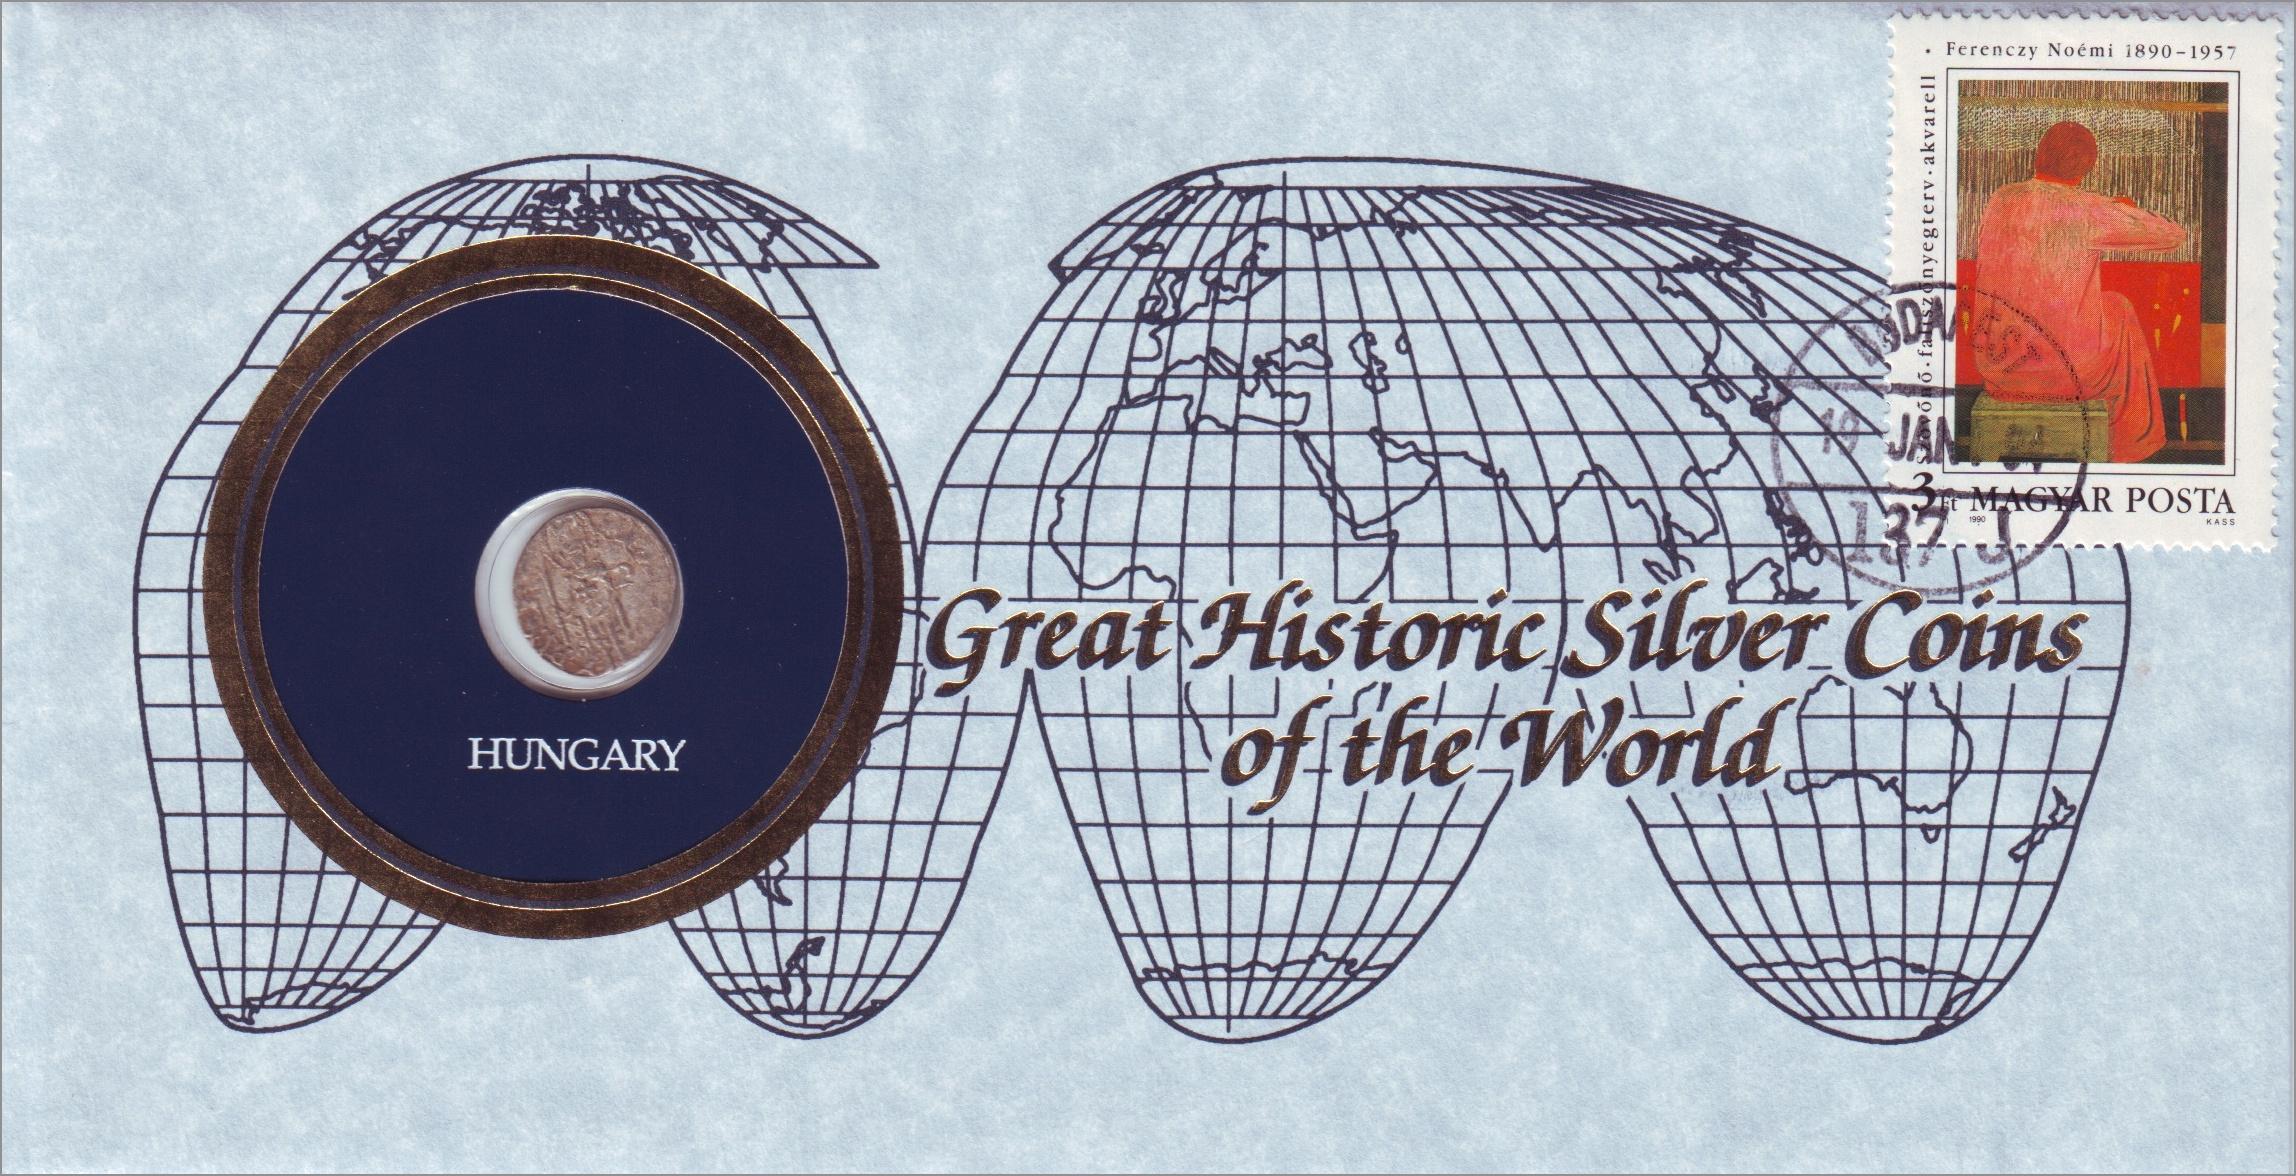 http://www.ermeskepeslap.hu/ermeskepeslapok/great_historic_silver_coins_of_the_world_1_denar/www_ermeskepeslap_hu_great_historic_silver_coins_of_the_world_1_denar_nagy.jpg